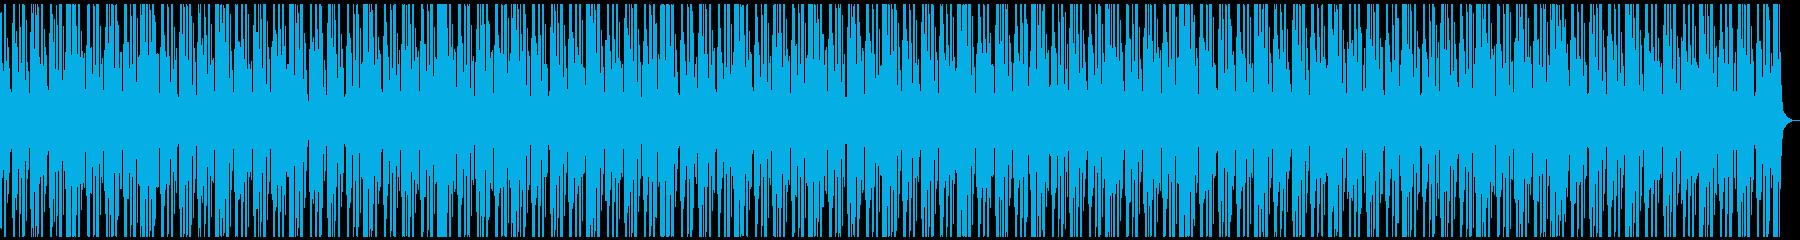 映像、ミステリー、サスペンス向けの再生済みの波形